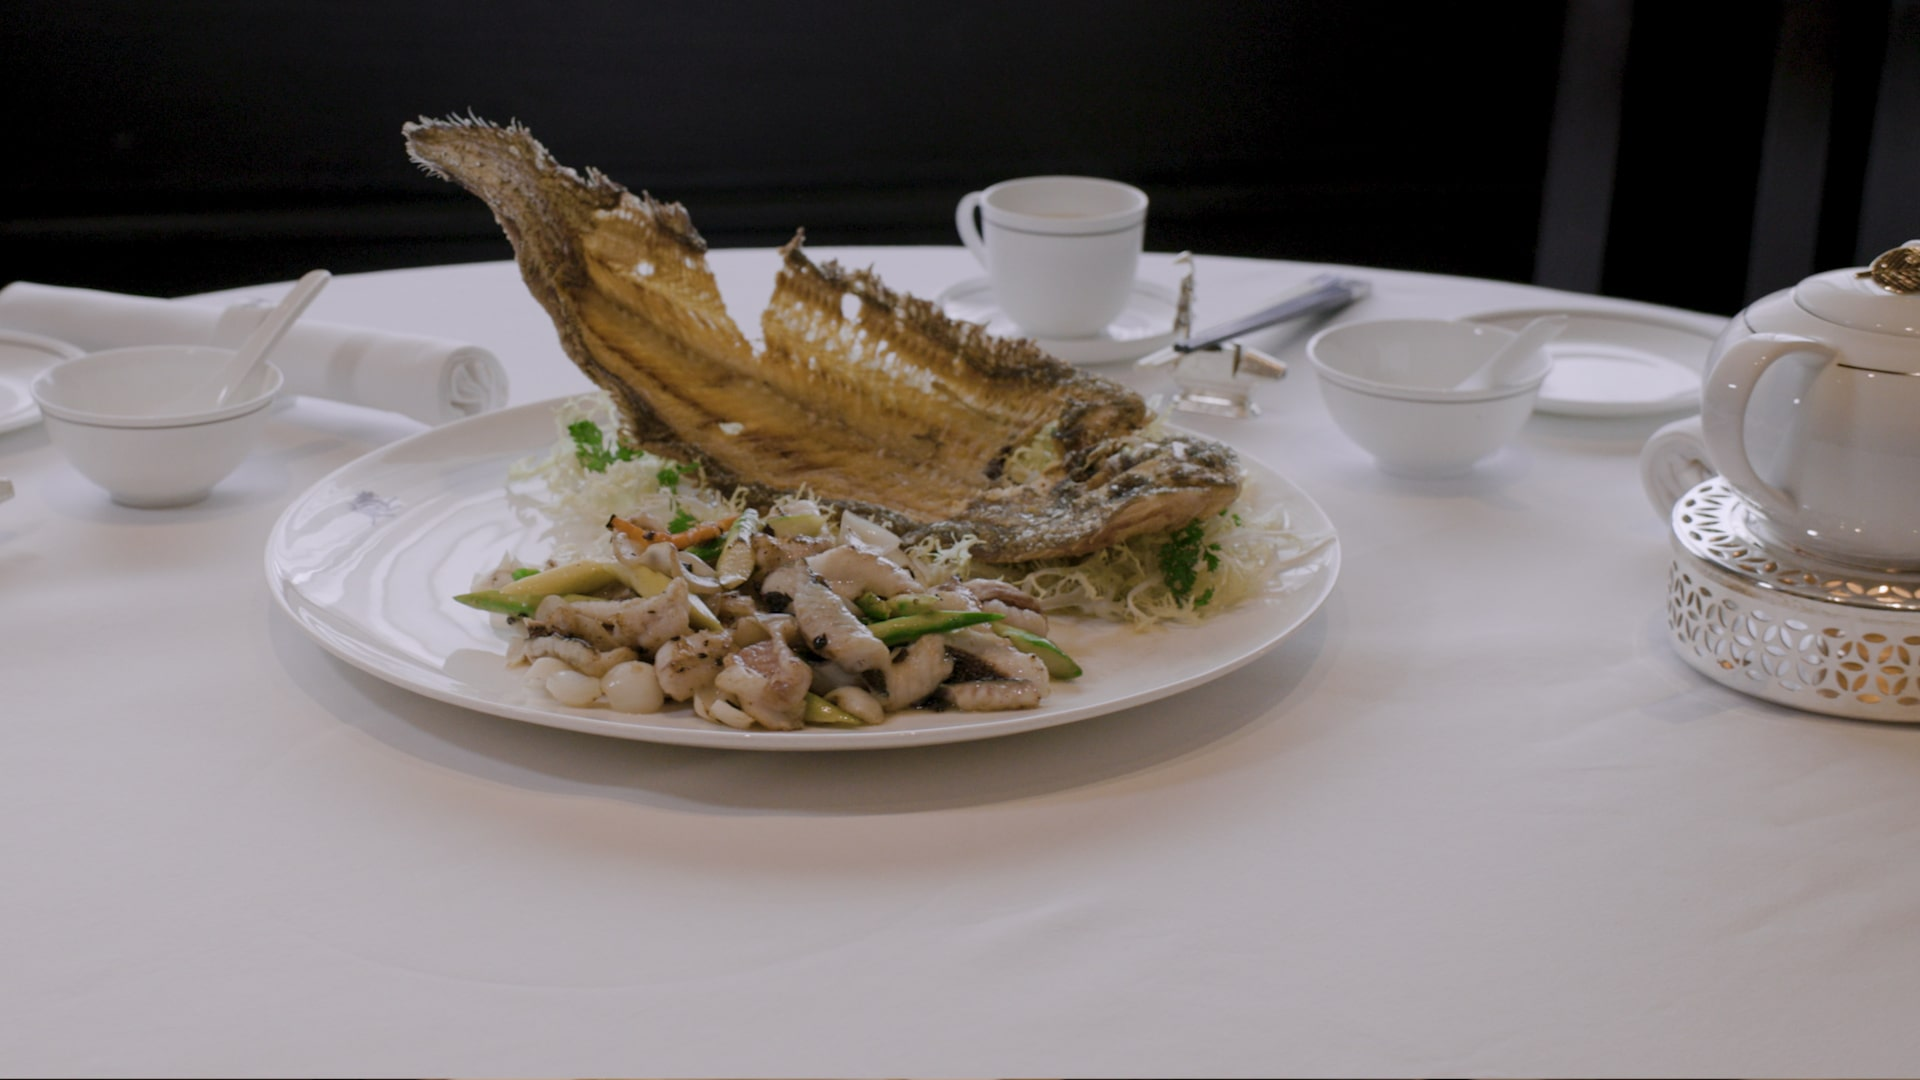 「嘉麟樓」的「蛋白花雕蟹鉗」用上肉質結實的菲律賓蟹,和蛋白一起蒸,加上花雕芡,味道清新美味。